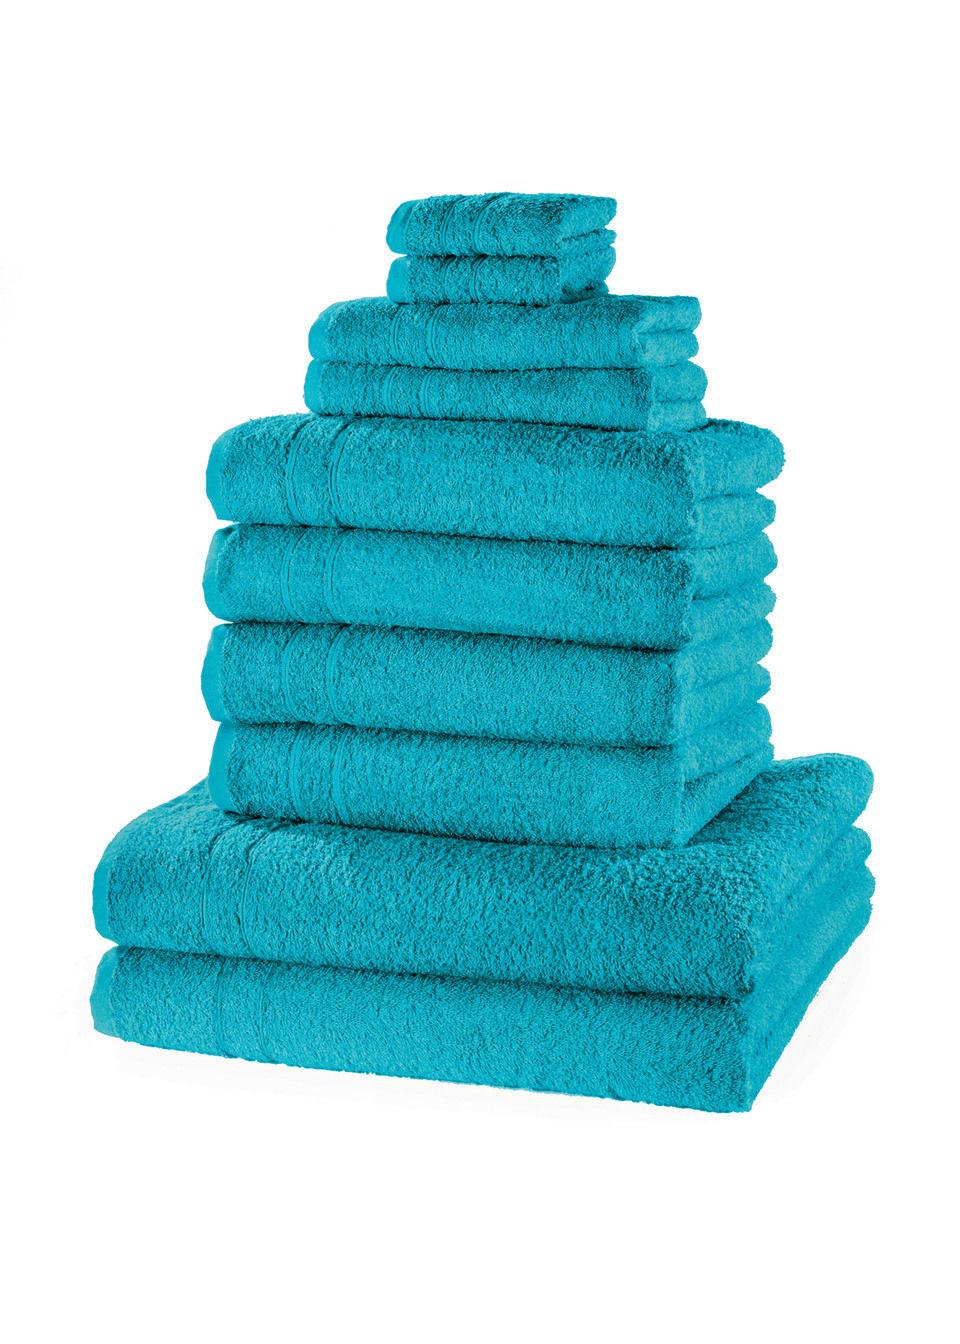 Купить Полотенца «Однотонная новинка» (10 шт.), bonprix, сине-зеленый